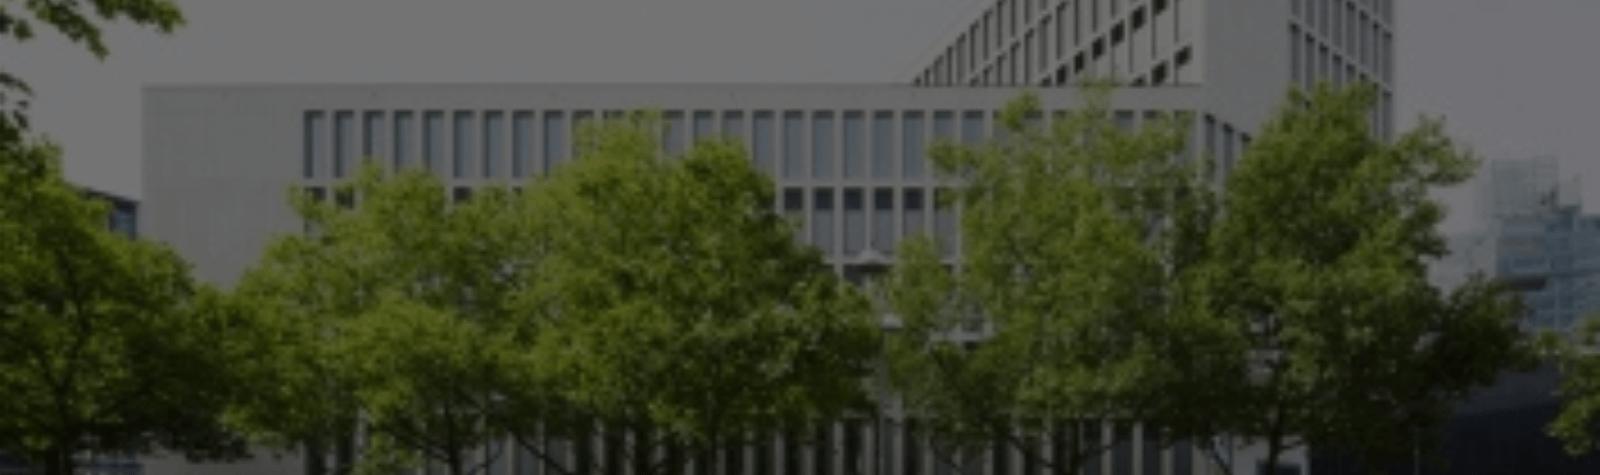 Union Investment acquiert l'immeuble de bureaux Haus am Aegi auprès de Quantum, à Hanovre (Allemagne)